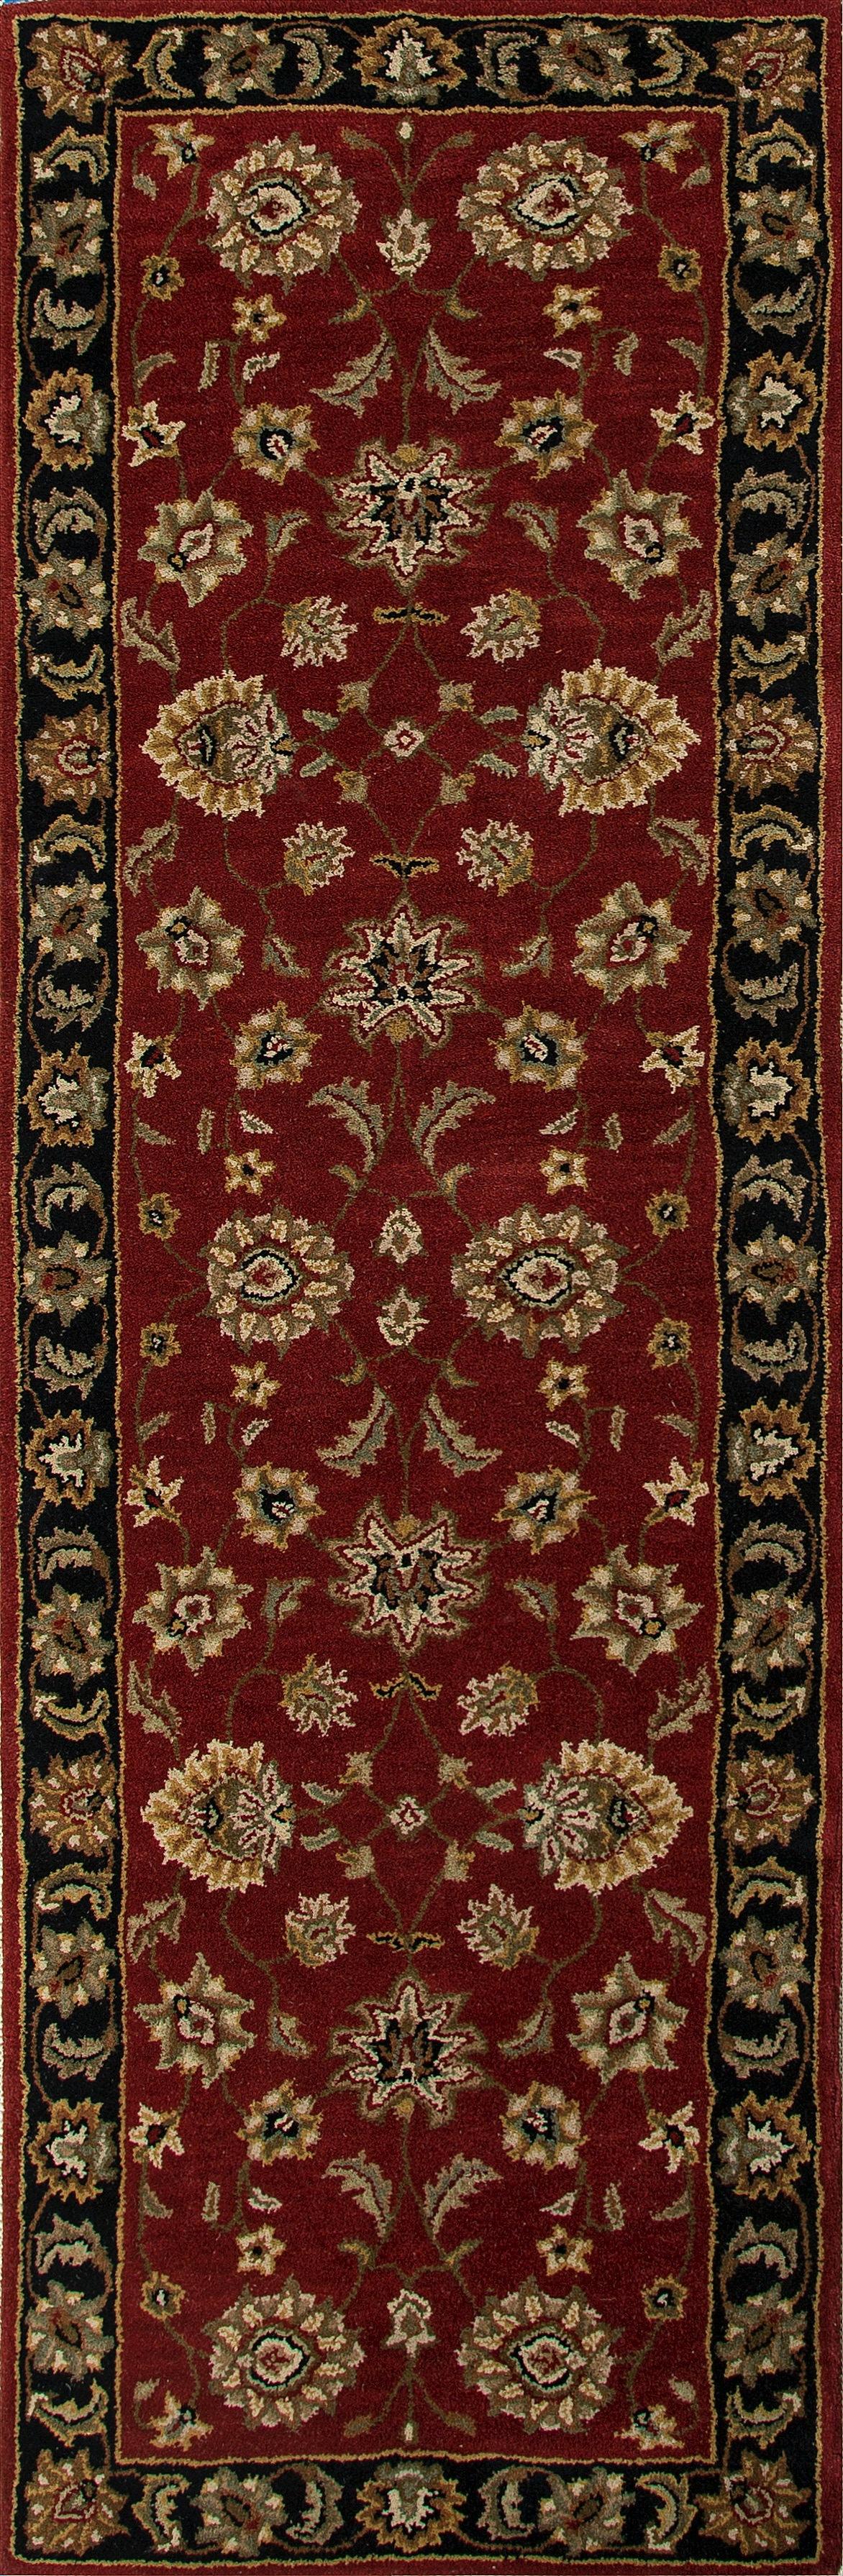 Jaipur Rugs Floor Coverings Hand Tufted Oriental Pattern Wool Red